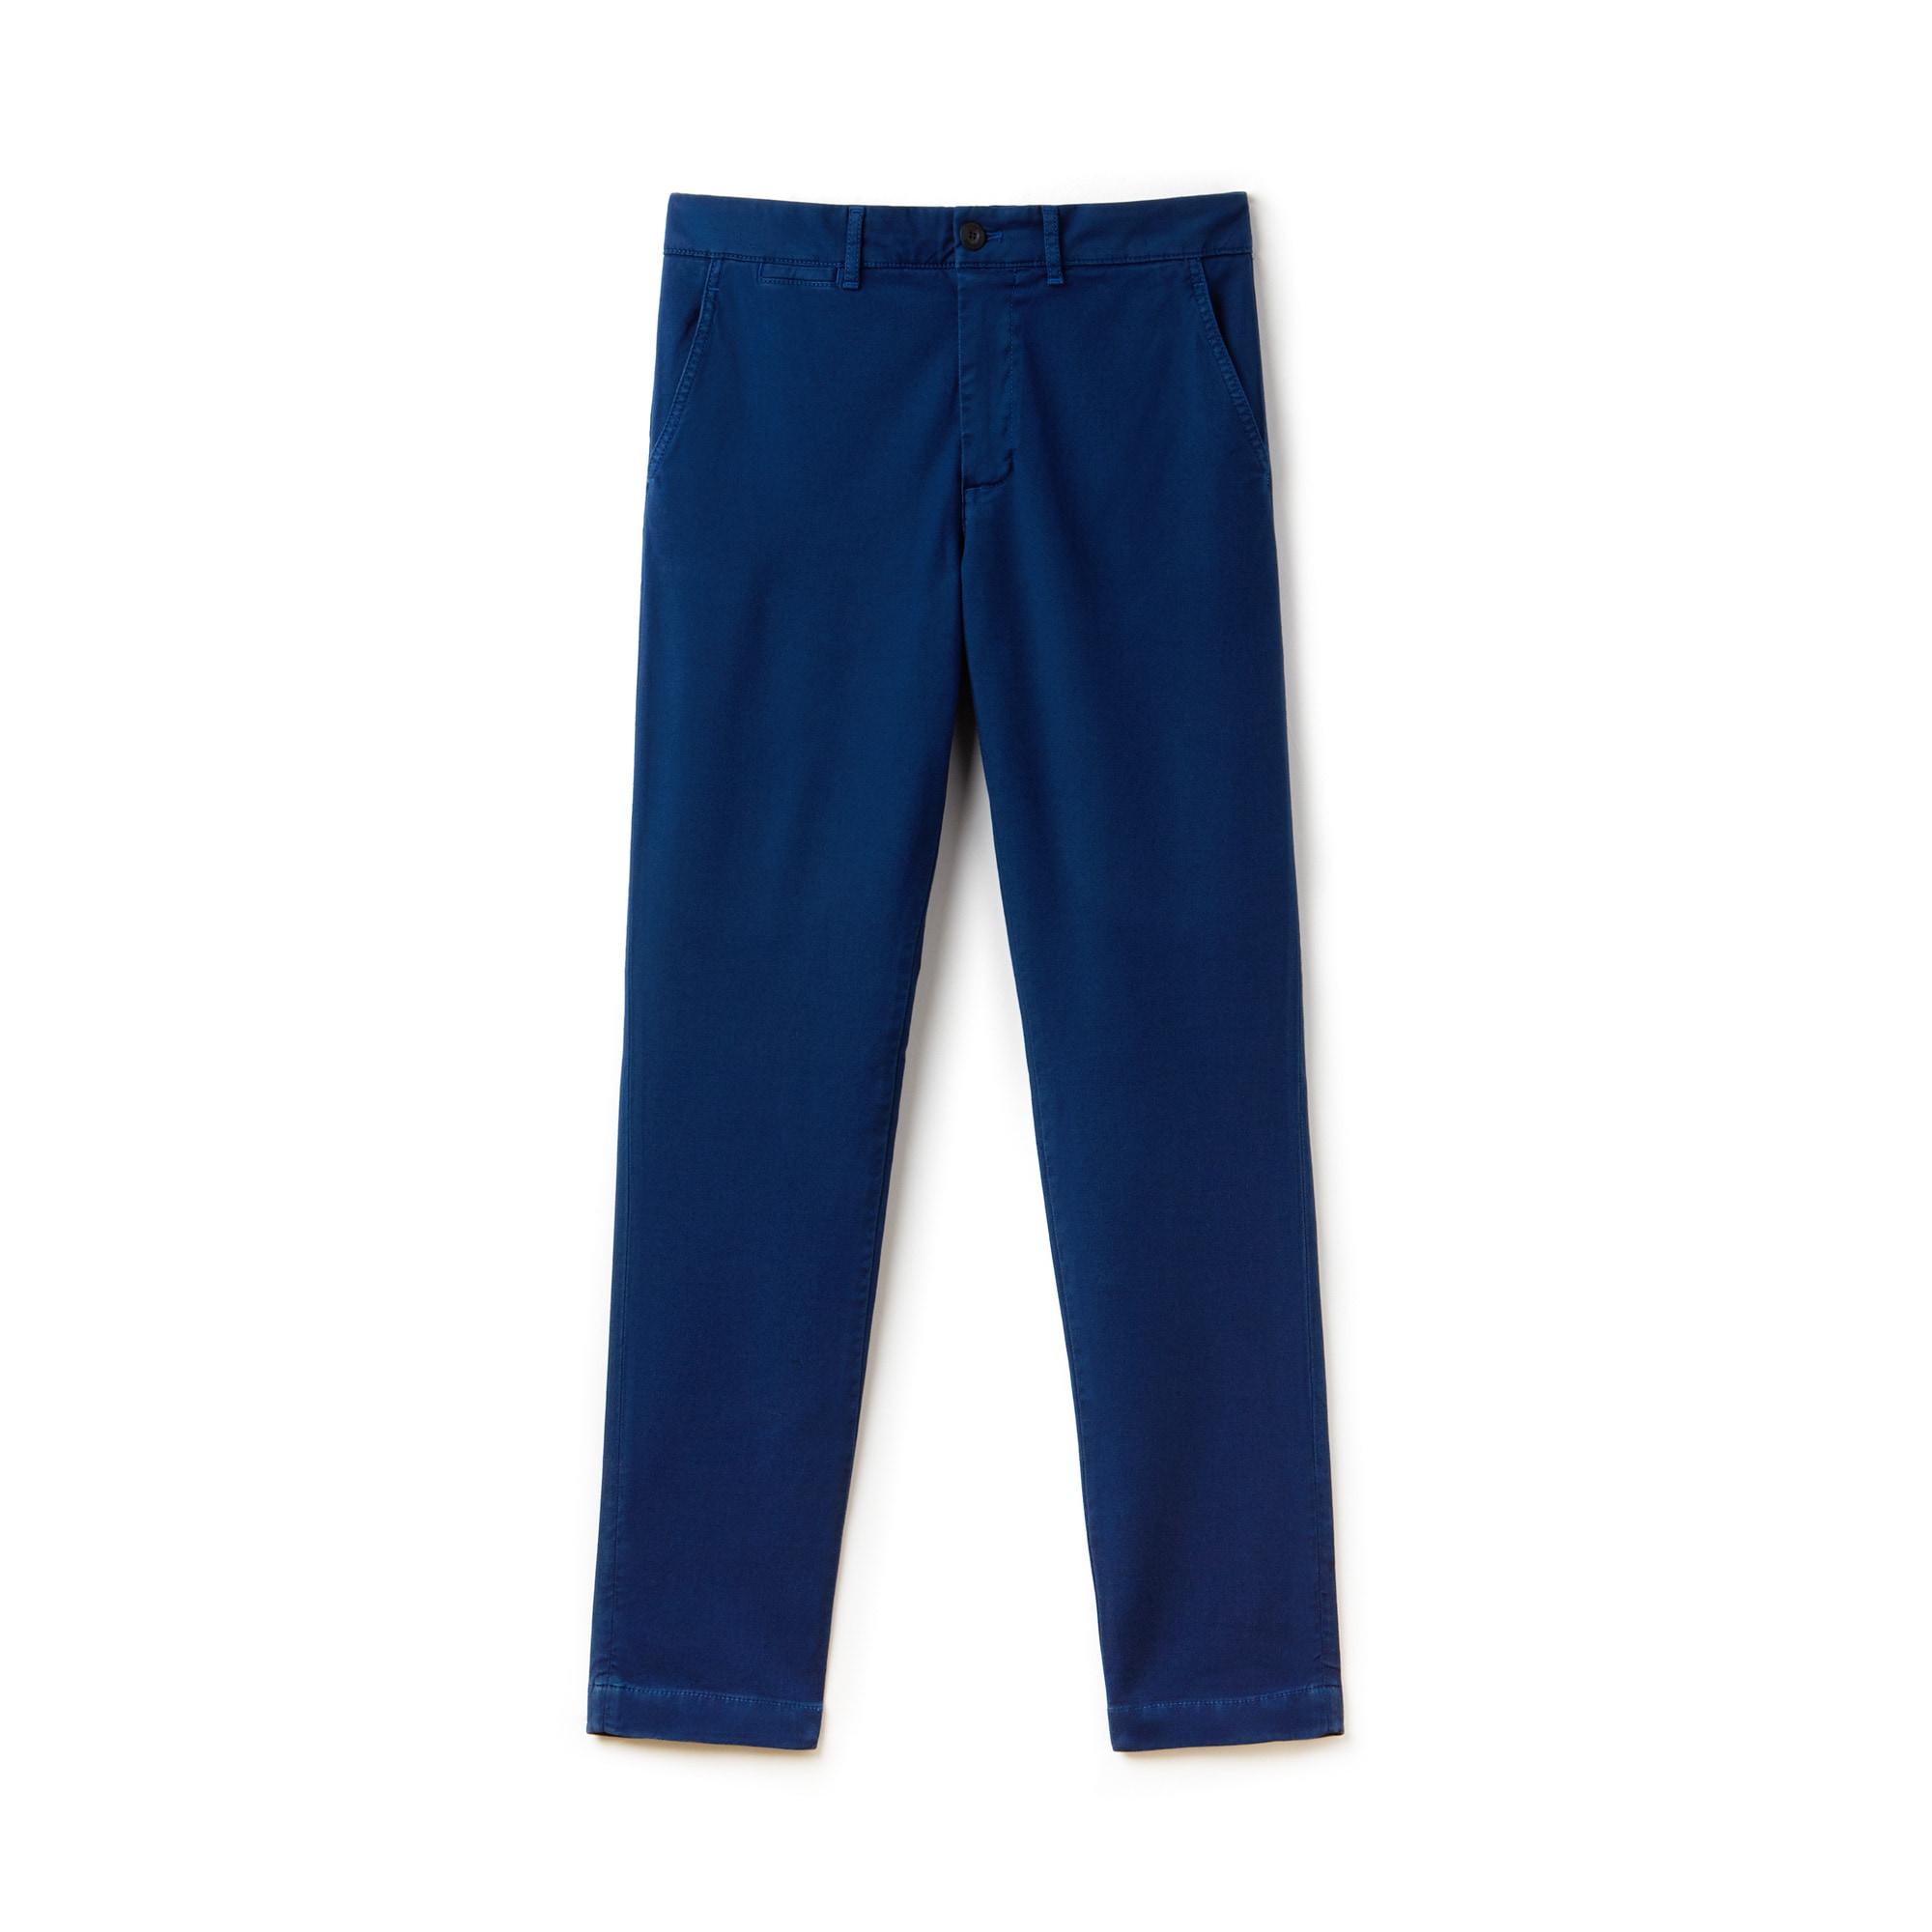 Slim Fit Herren-Chinohose aus strukturierter Stretch-Baumwolle